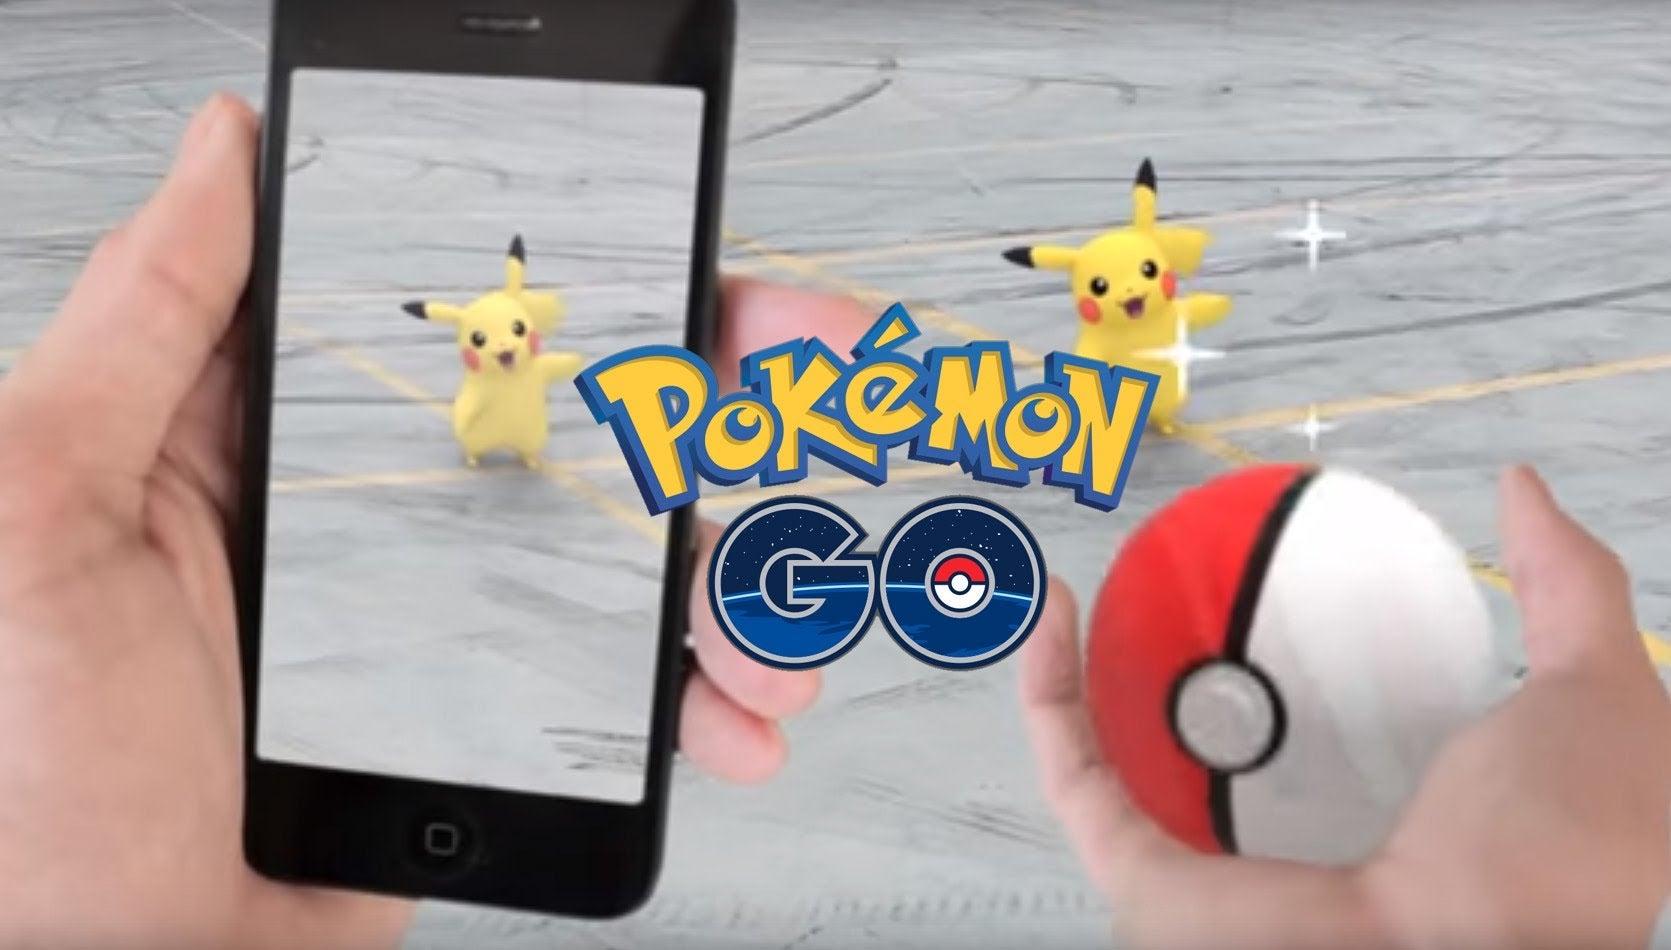 Pokémon GOJust Made Augmented Reality Mainstream